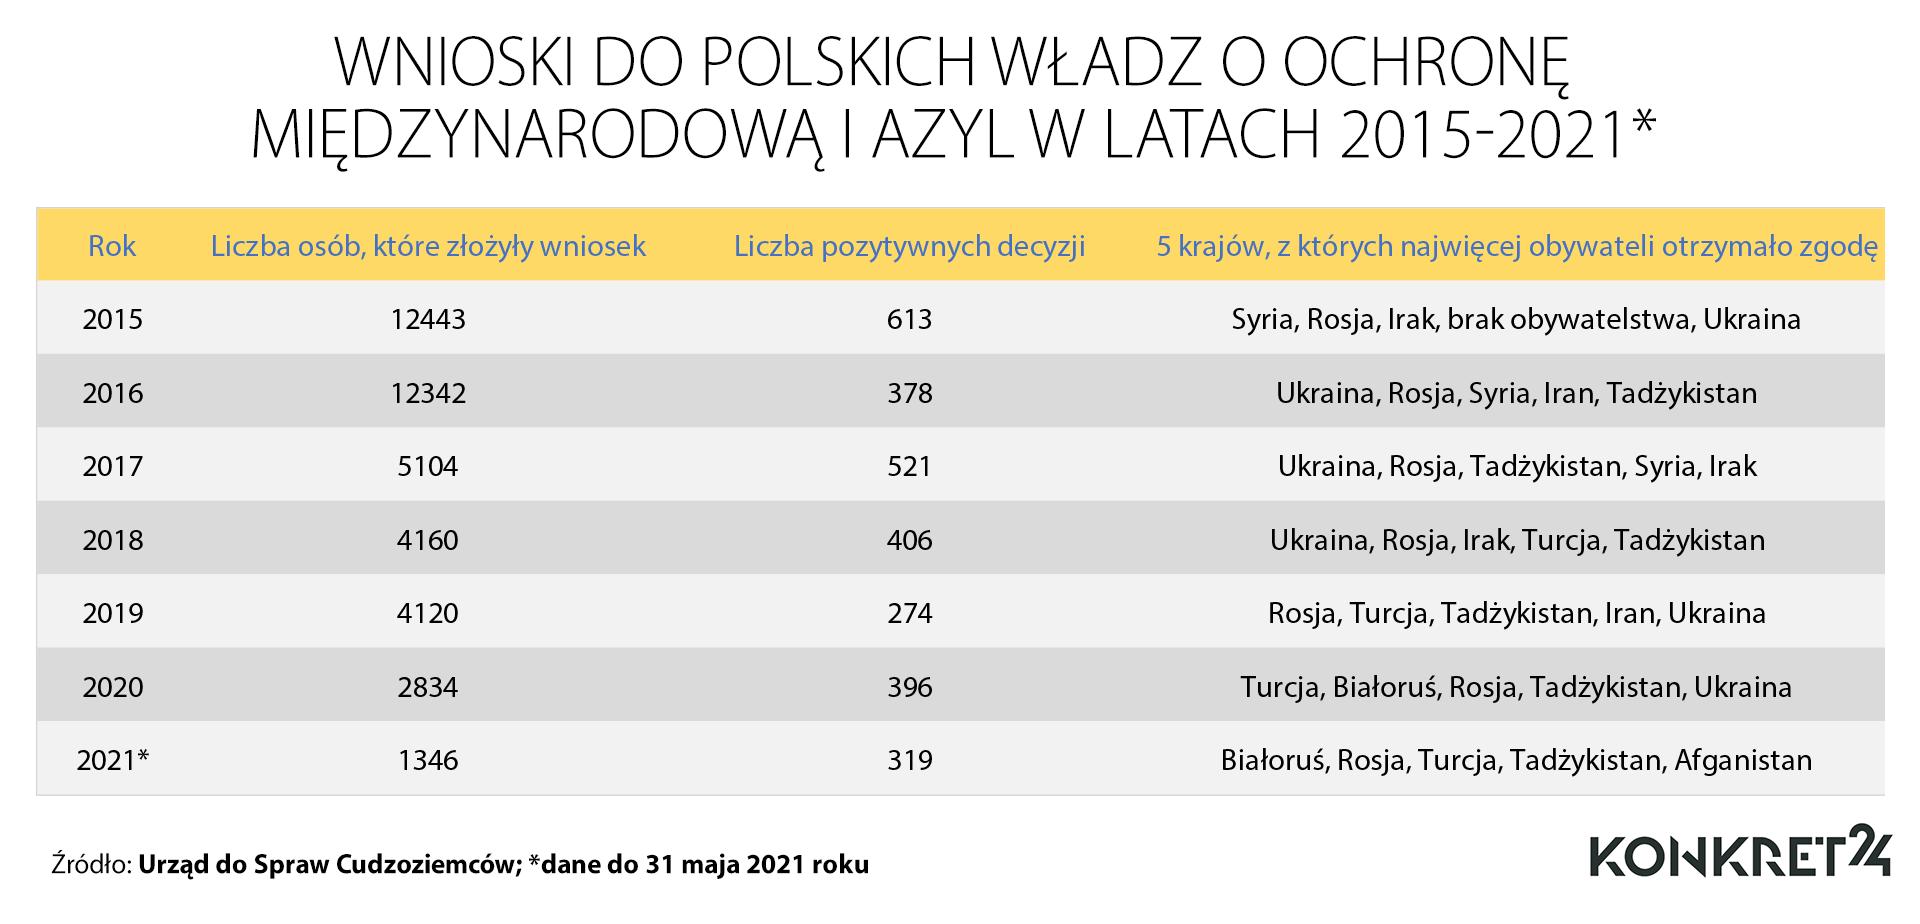 Wnioski do polskich władz o ochronę międzynarodową i azyl w latach 2015-2021